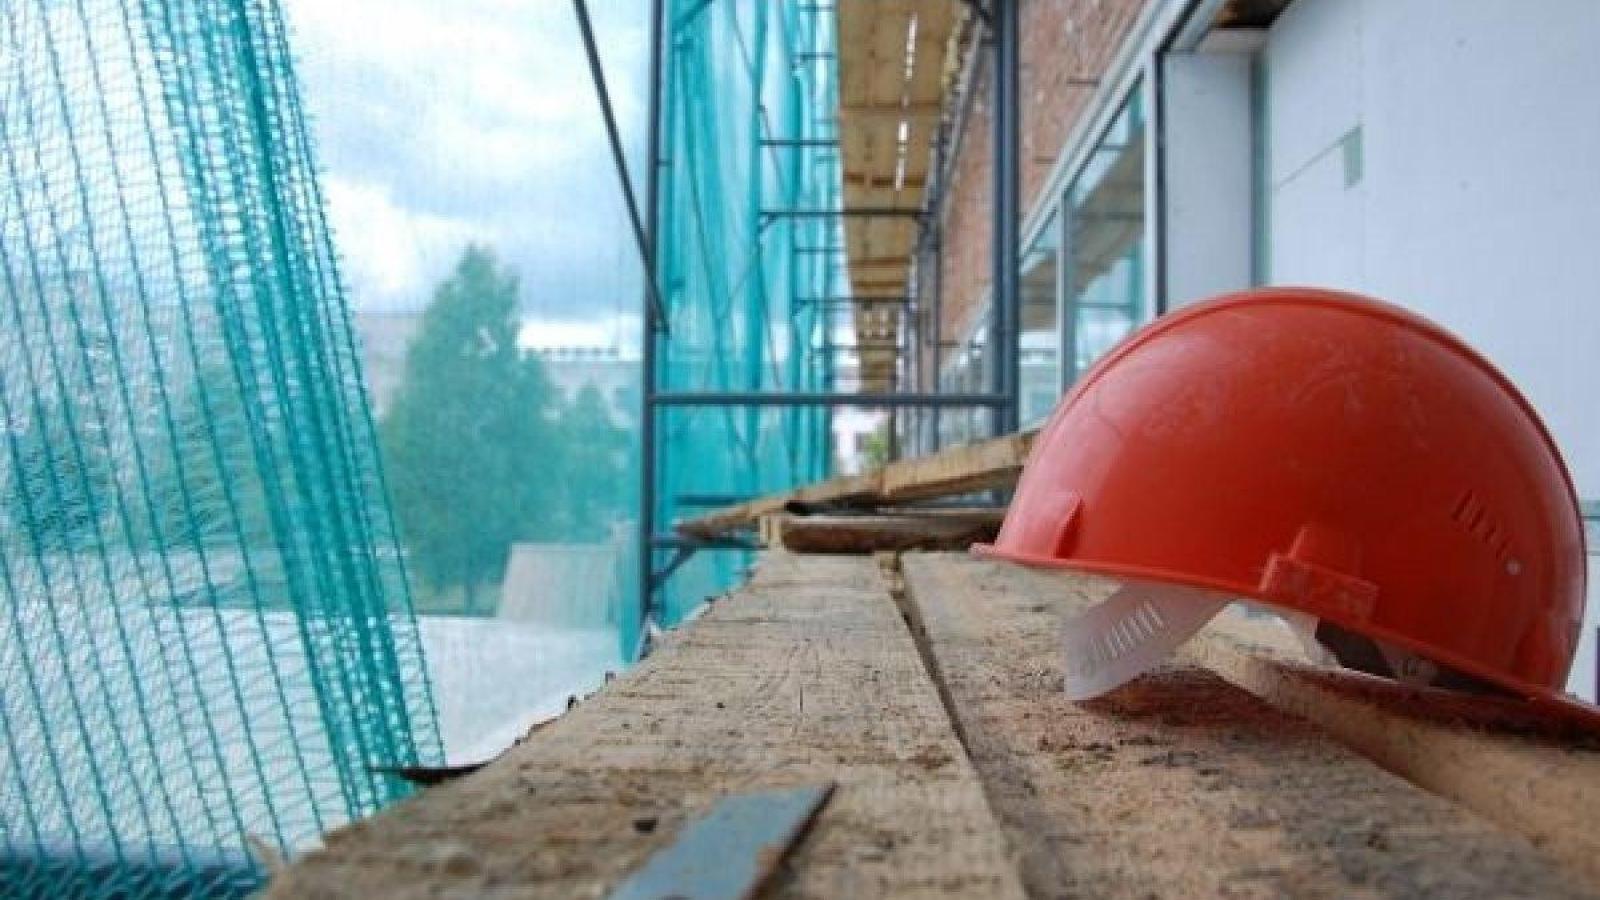 В Вологде на стройке мужчина упал с высоты и разбился насмерть